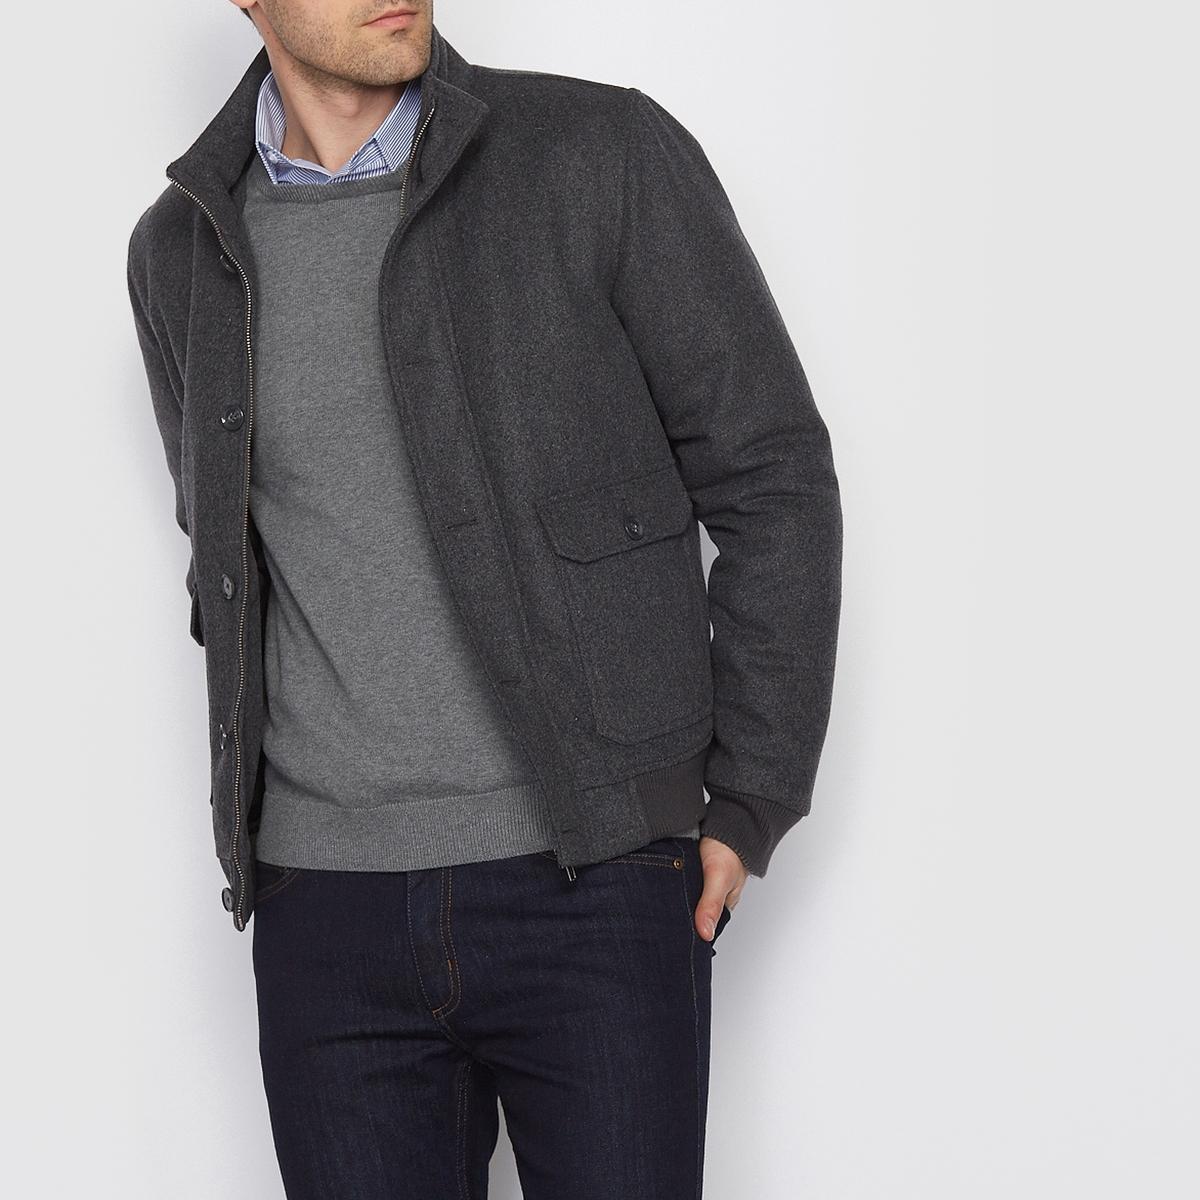 Пальто короткое, 60% шерстиСостав и описание:Материал:60% шерсти, 32% полиэстера, 5% полиамида, 3% вискозы.Длина: 67,5 см. Марка: R essentiel.<br><br>Цвет: антрацит<br>Размер: XL